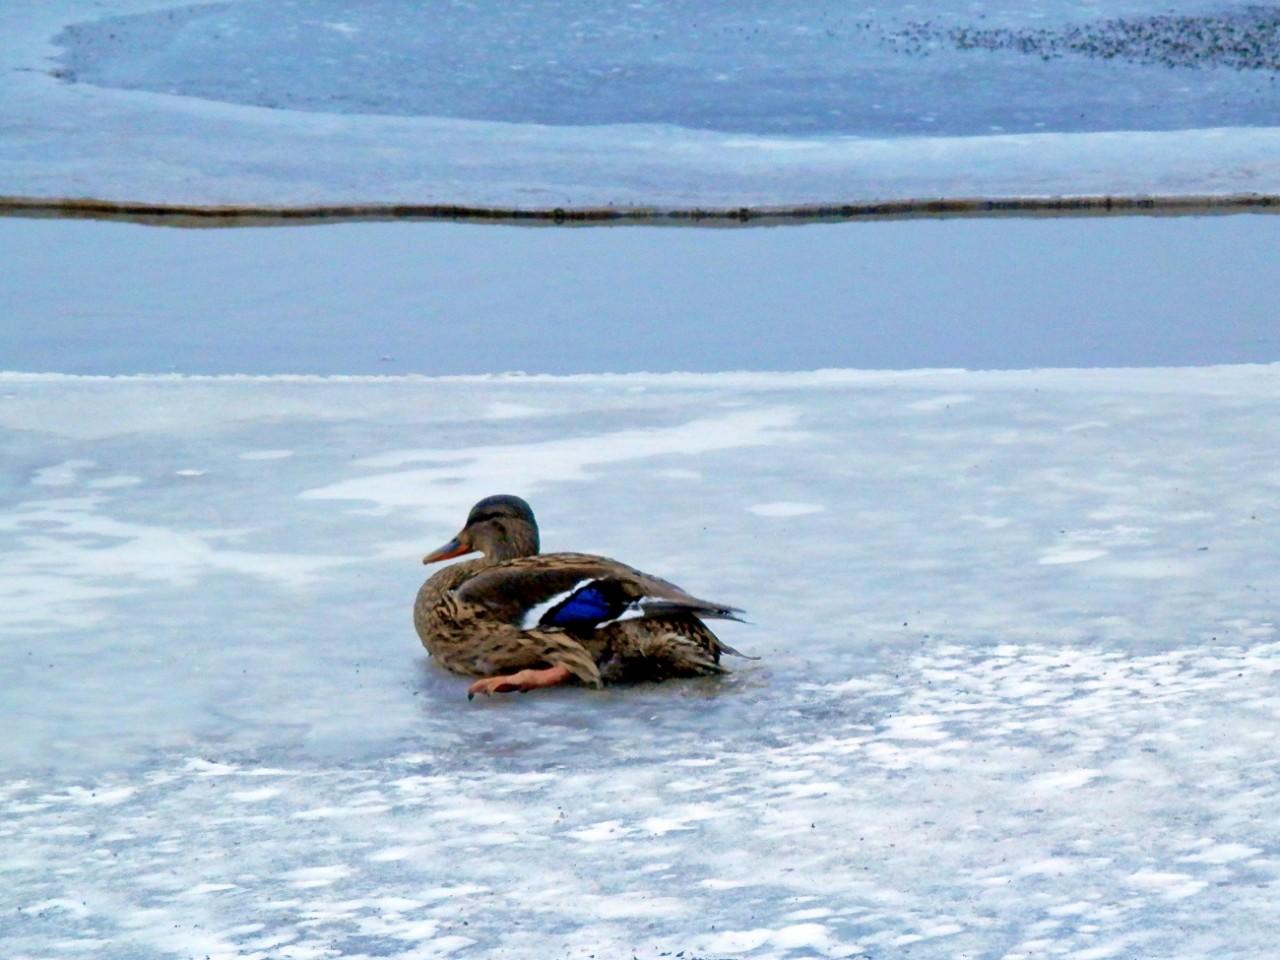 Чертаново Южное: Не дайте уткам вмёрзнуть в лёд! Они живые!